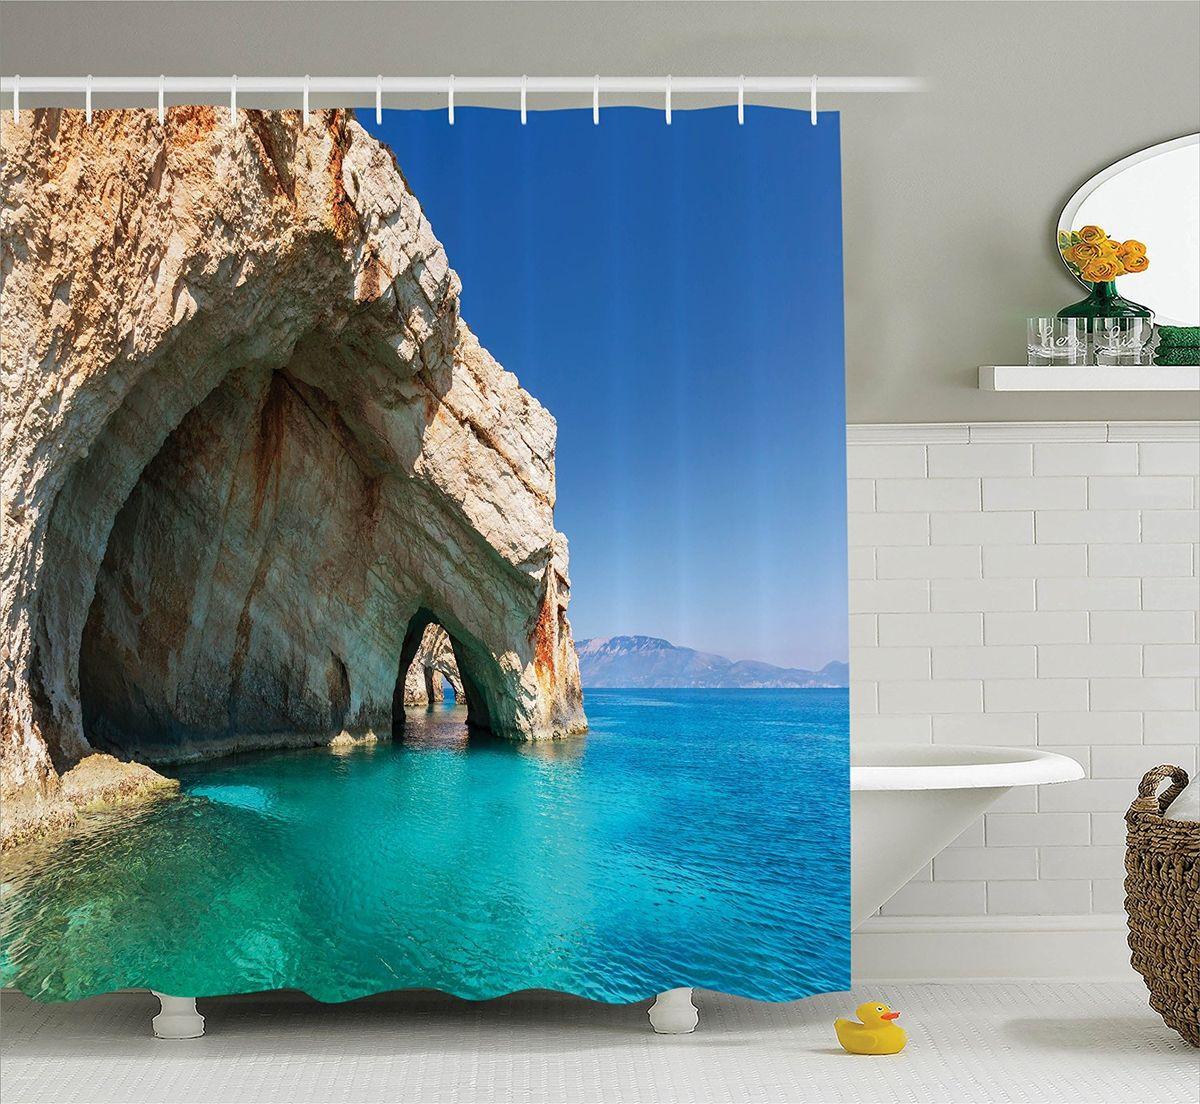 Штора для ванной комнаты Magic Lady Морская пещера, 180 х 200 смшв_10902Штора Magic Lady Морская пещера, изготовленная из высококачественного сатена (полиэстер 100%), отлично дополнит любой интерьер ванной комнаты. При изготовлении используются специальные гипоаллергенные чернила для прямой печати по ткани, безопасные для человека. В комплекте: 1 штора, 12 крючков. Обращаем ваше внимание, фактический цвет изделия может незначительно отличаться от представленного на фото.